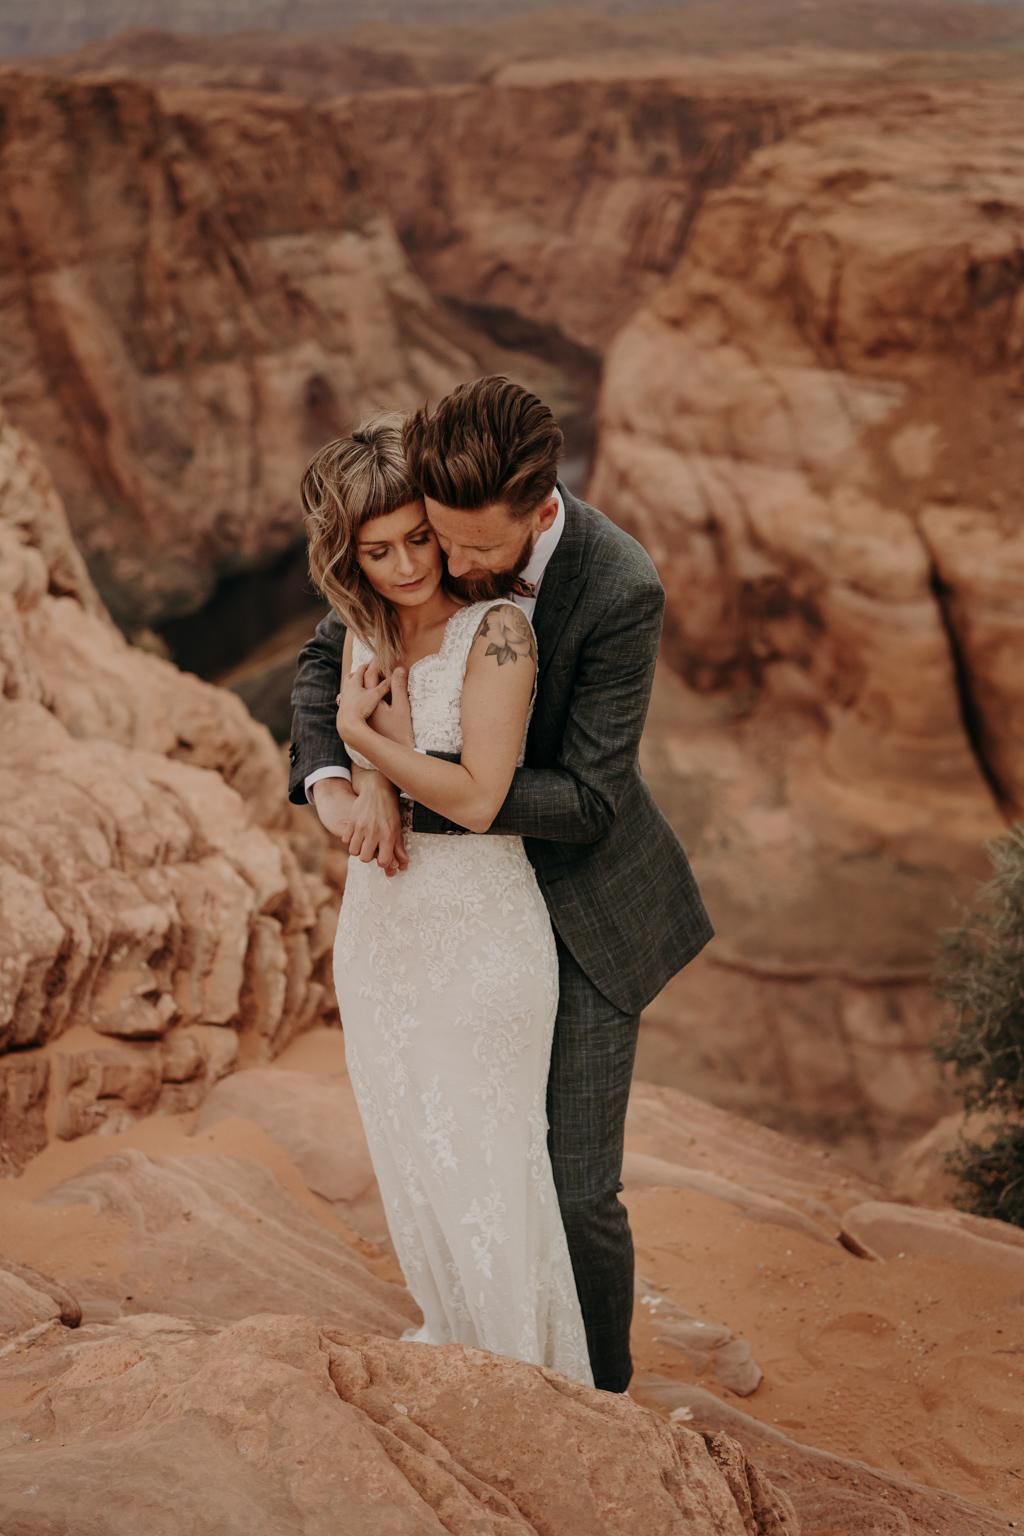 trouweninhetbuitenland_huwelijksfotografie_roxannedankers-12.jpg